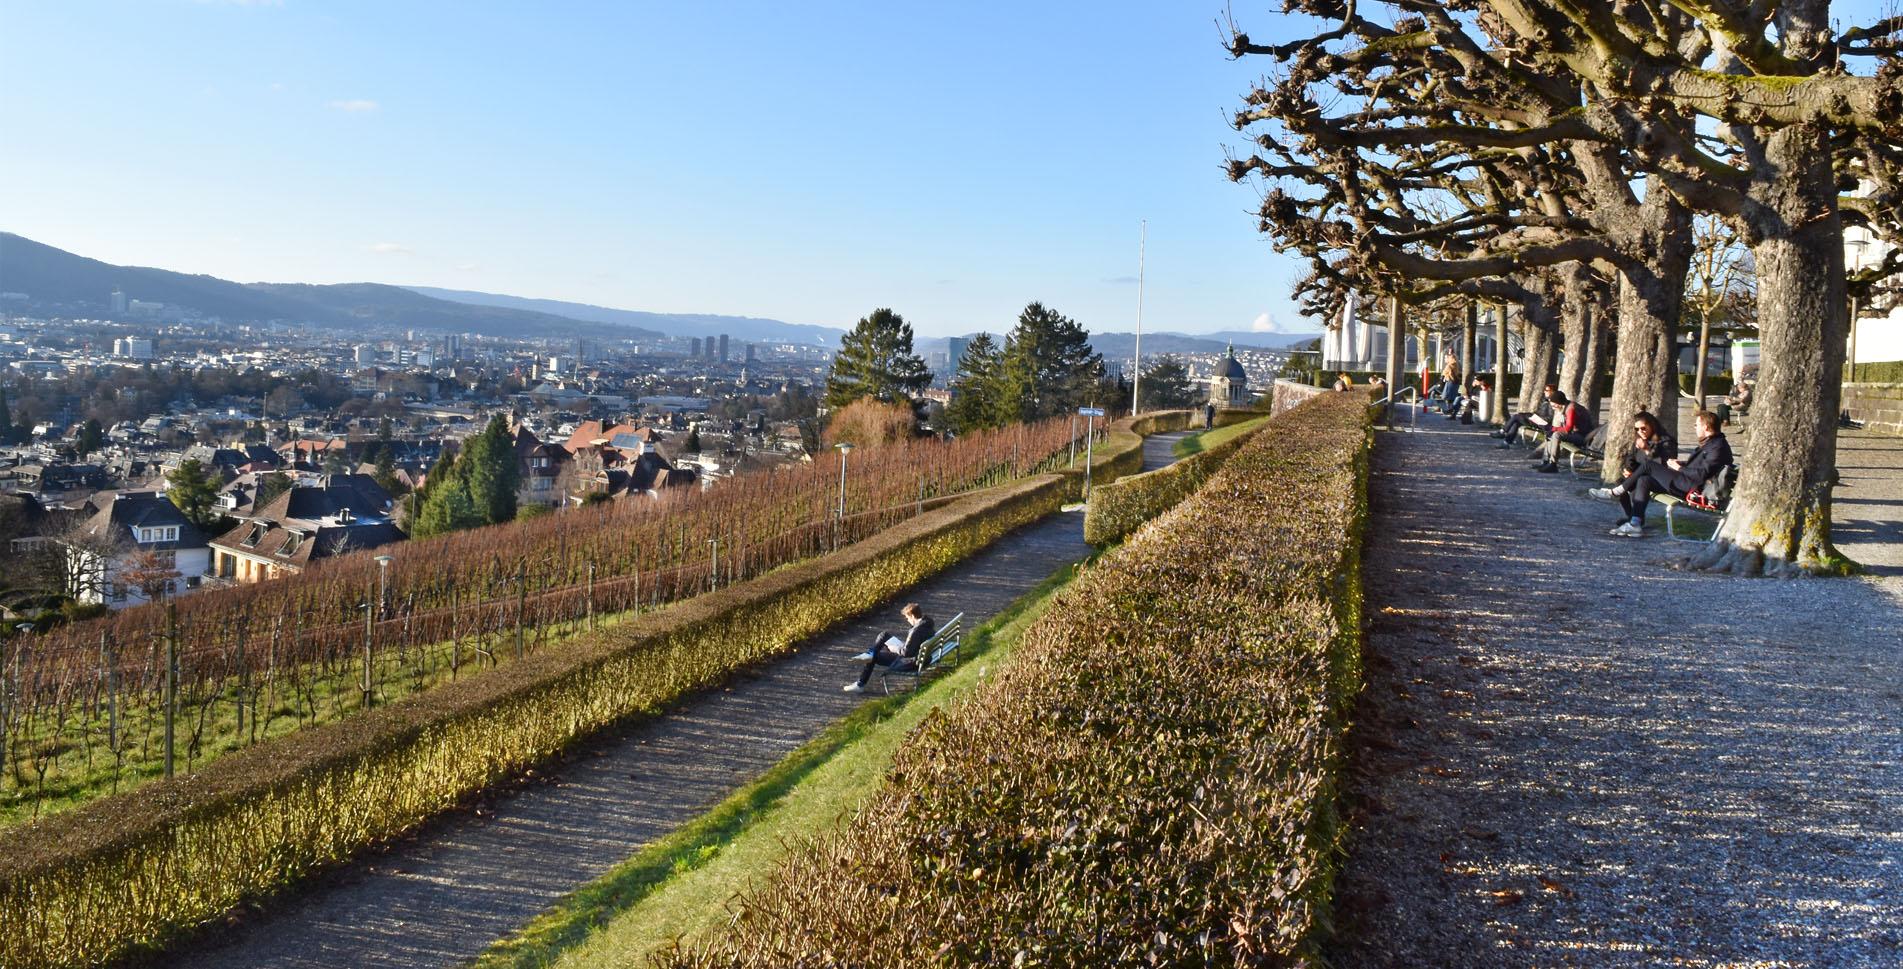 Wanderung auf dem Zürichberg mit Start beim Zoo Zürich via Restaurant Adlisberg, Restaurant Degenried, Sonnenberg nach Zürich Römerhof